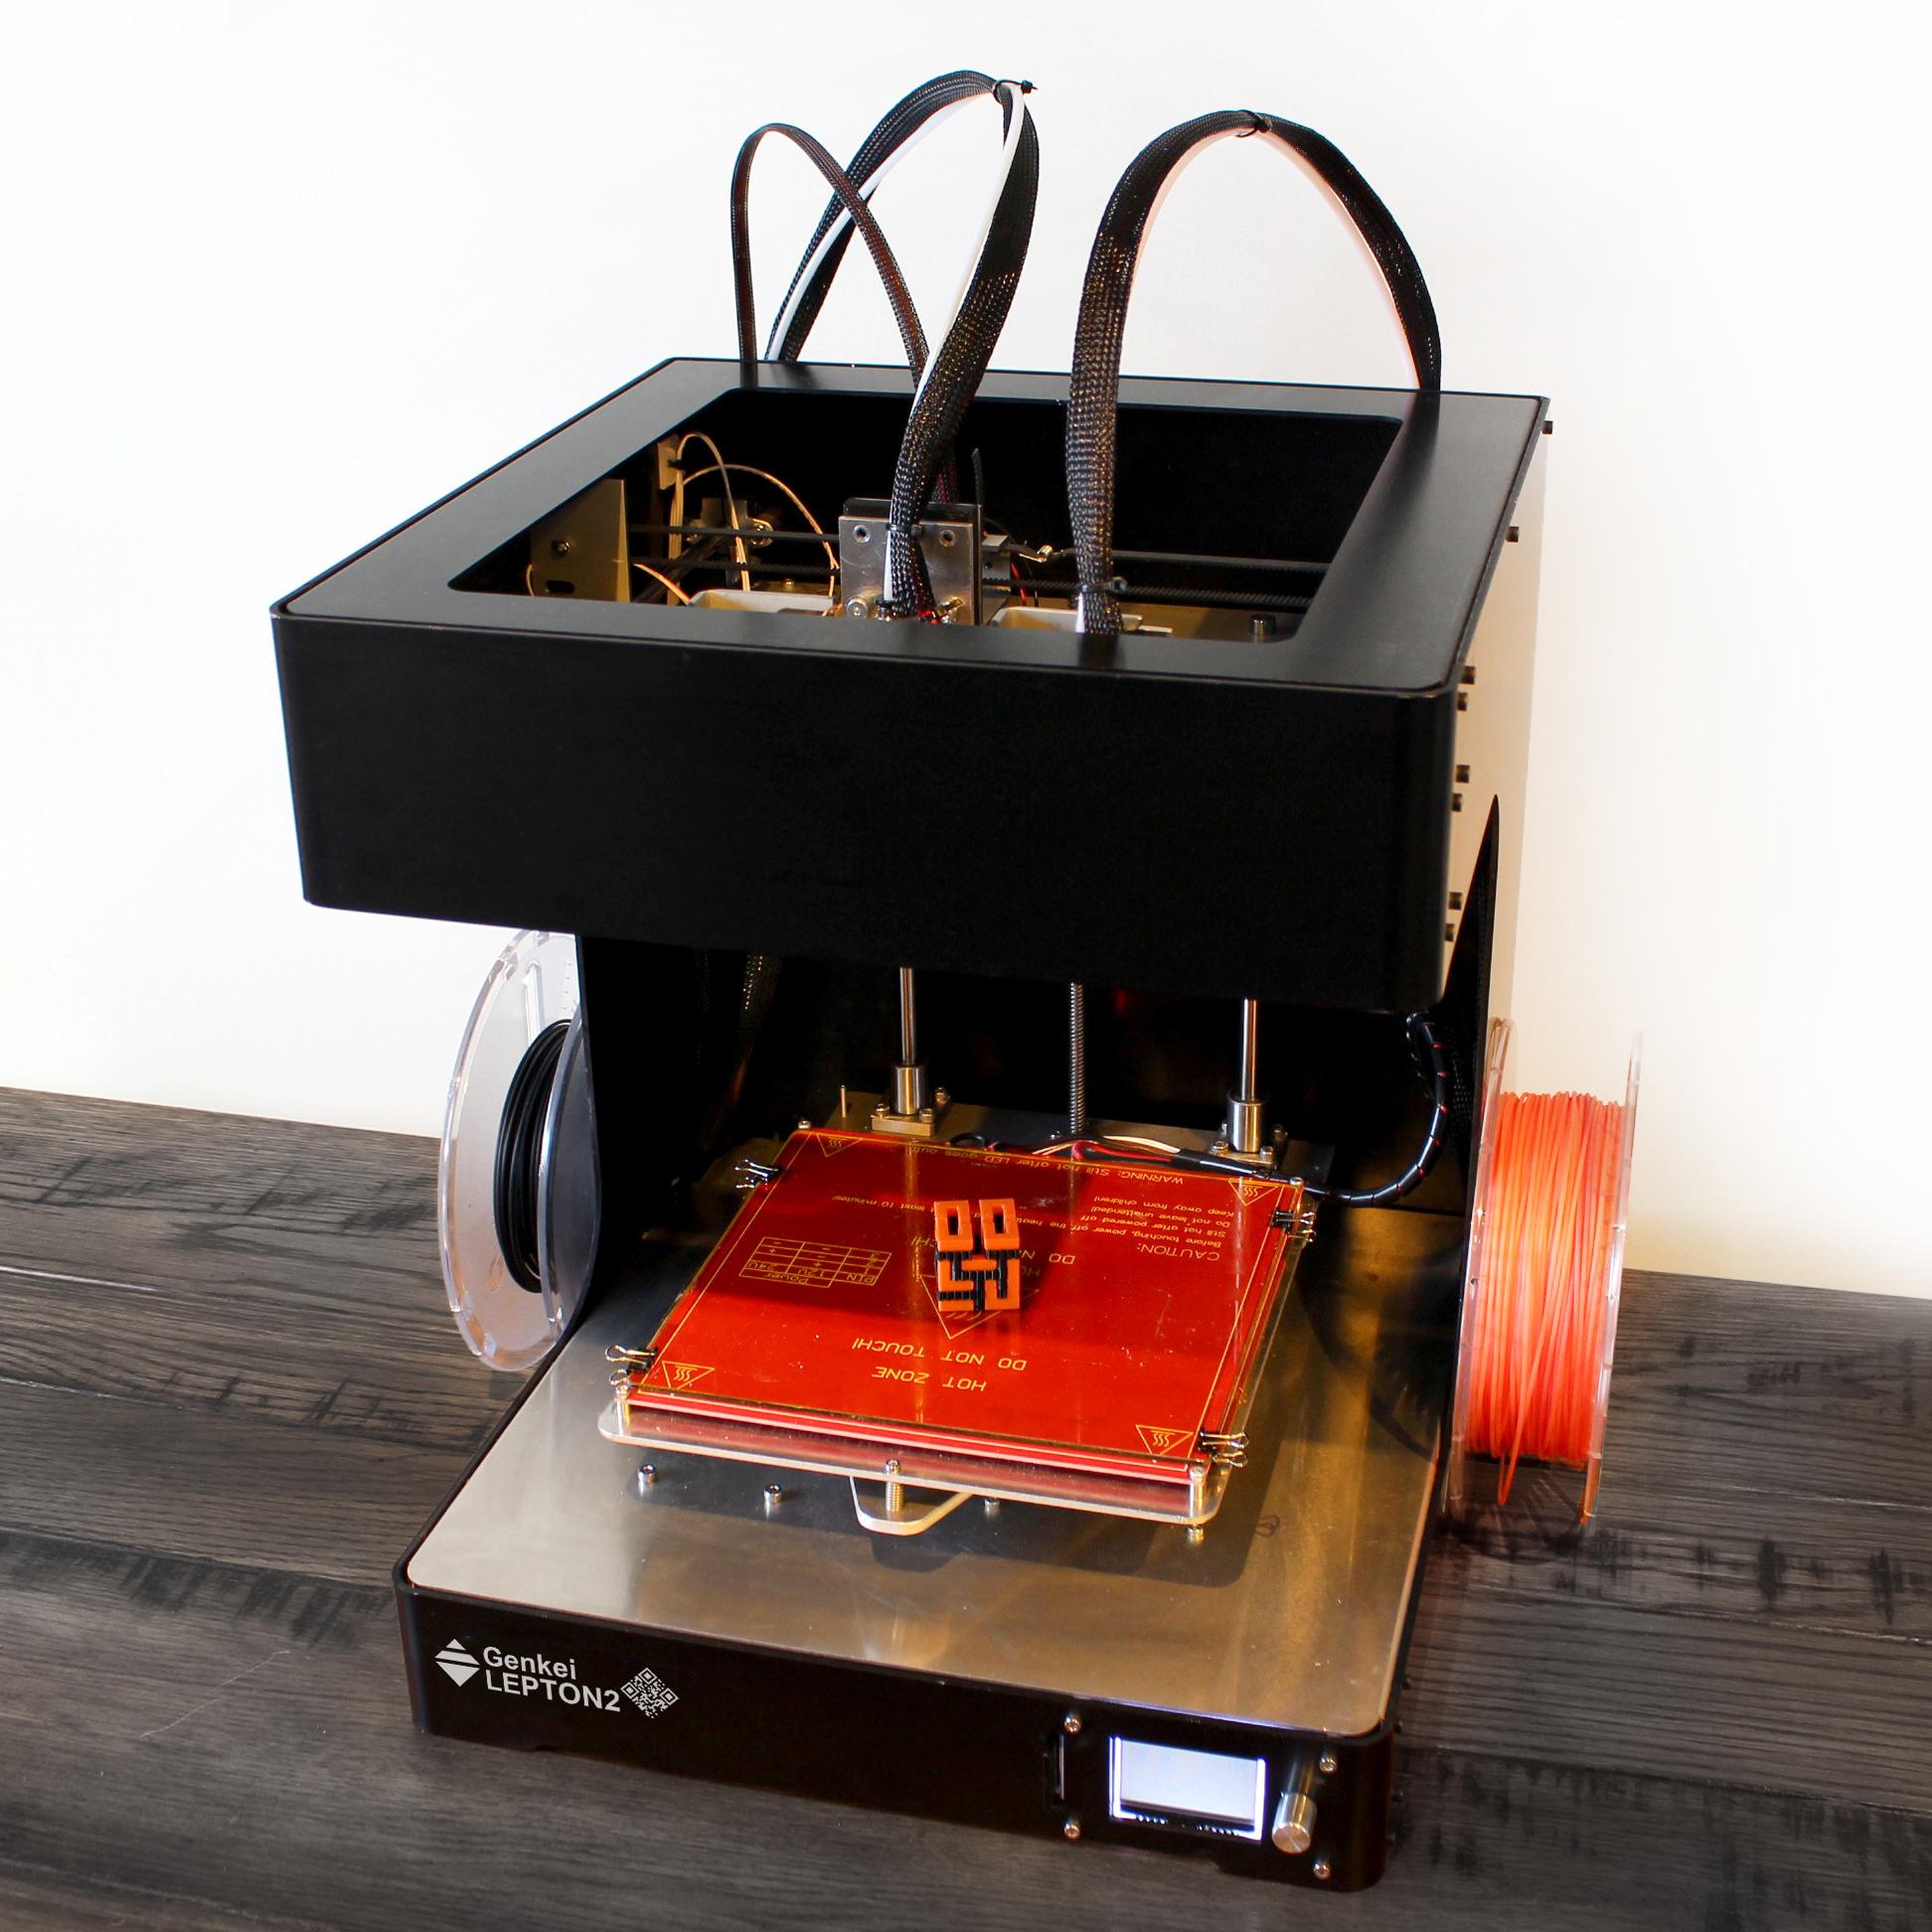 Lepton2 デュアル 3Dプリンター 新ツールスイッチシステム搭載 - 画像4